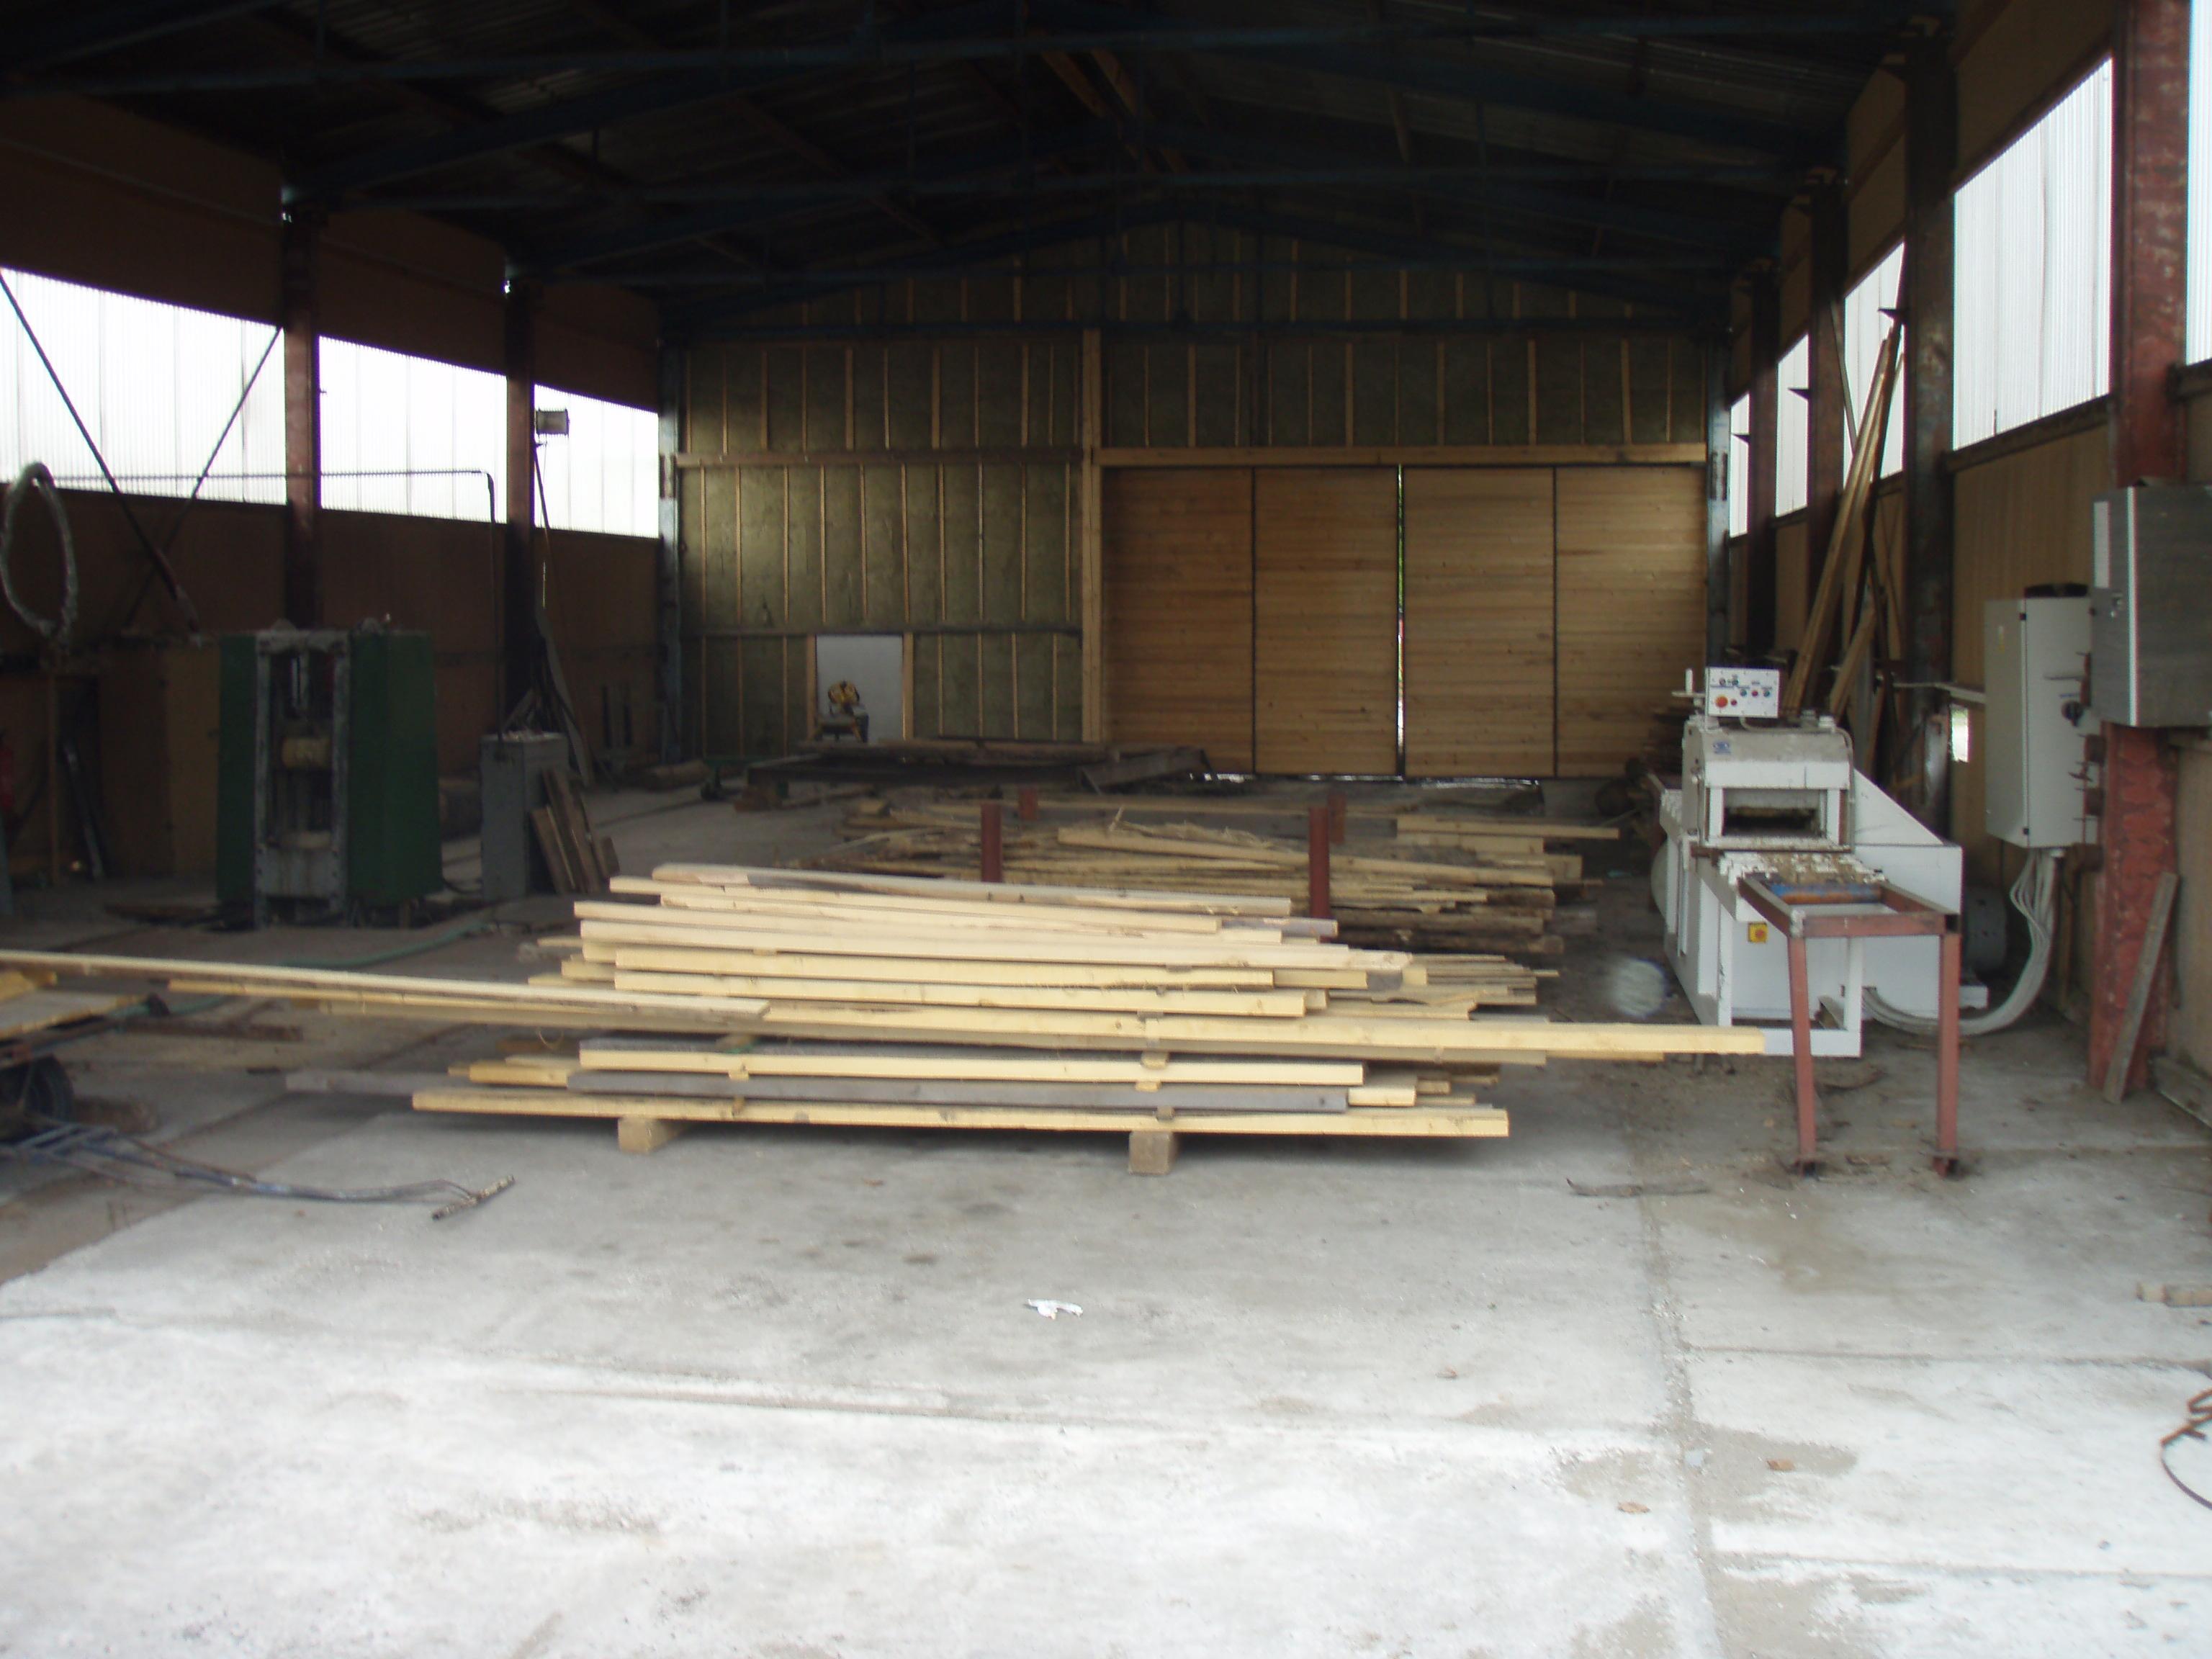 Prodej nebo pronájem areálu pily u Opavy